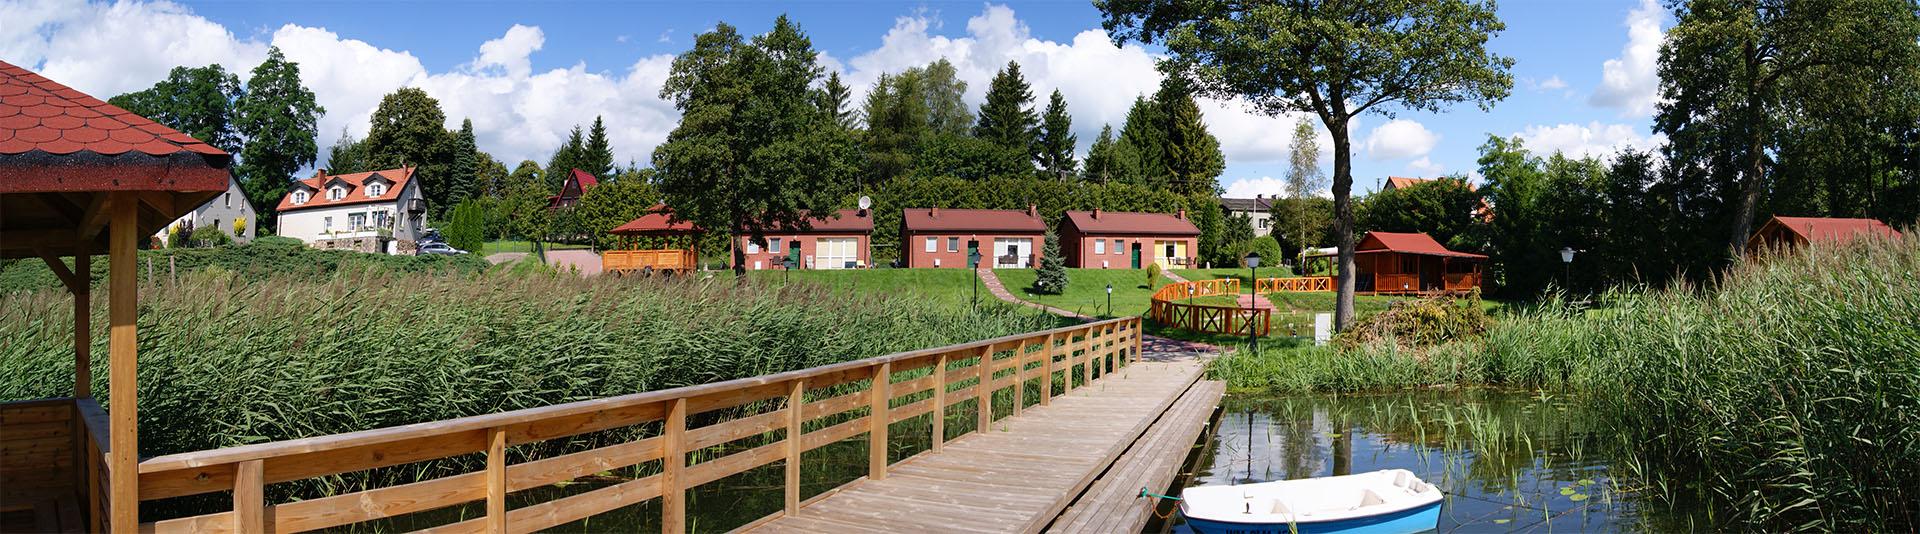 Tumiany_Panorama_7